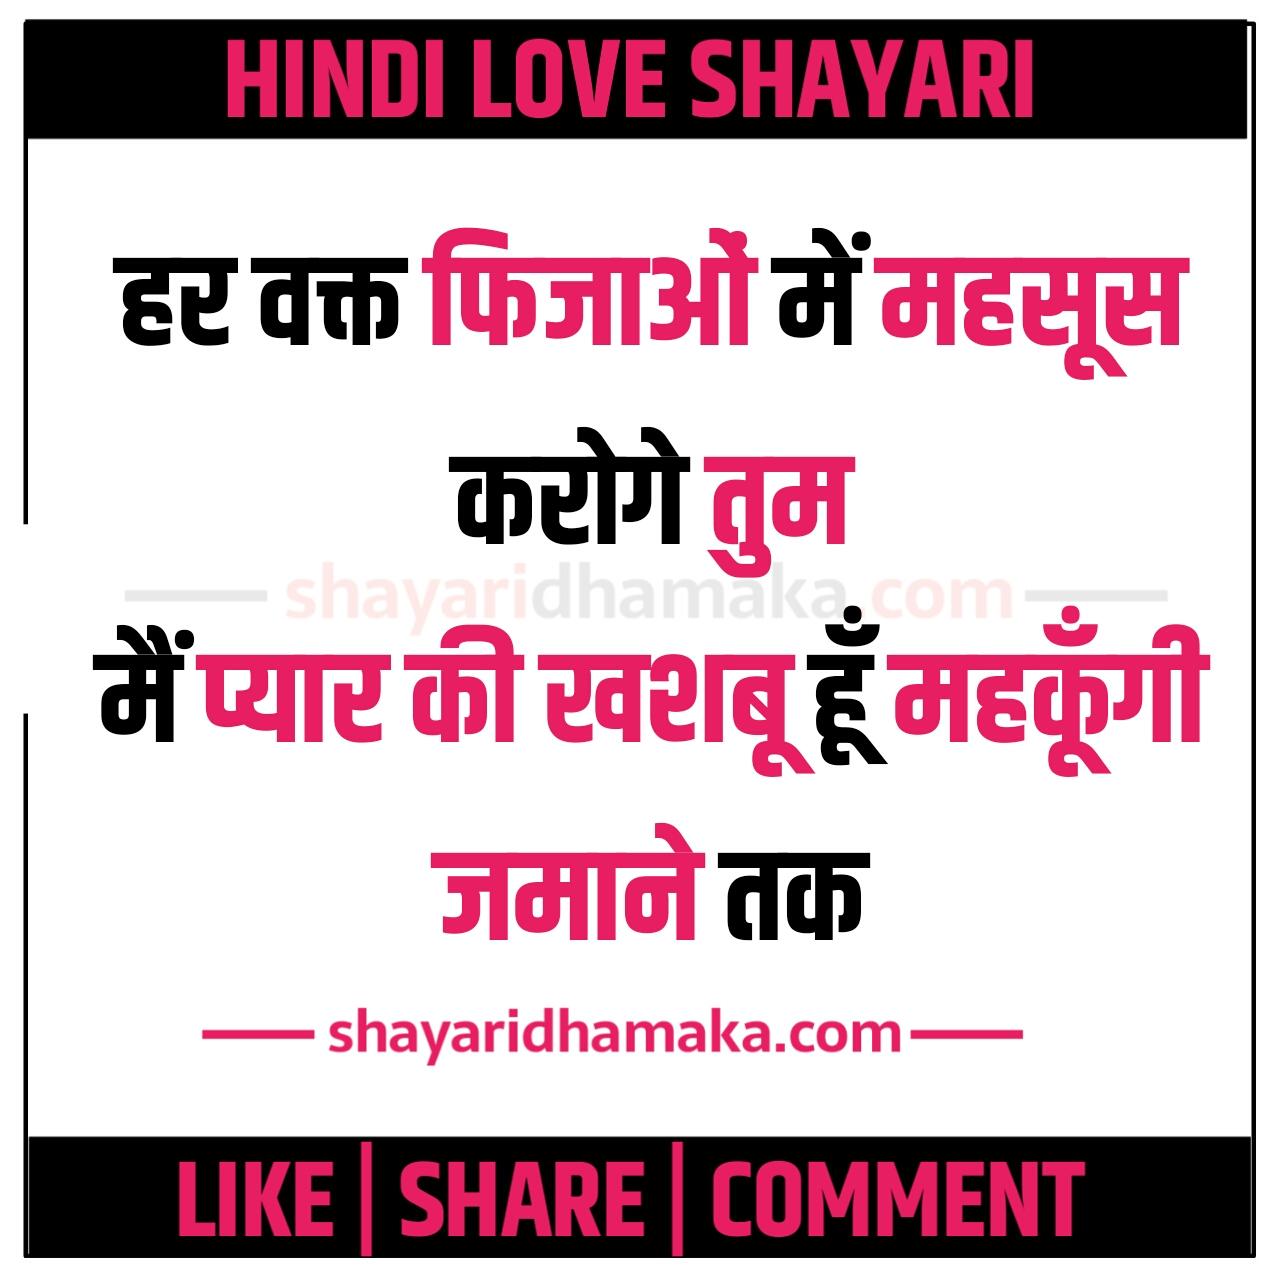 हर वक्त फिजाओं में - Hindi Love Shayari